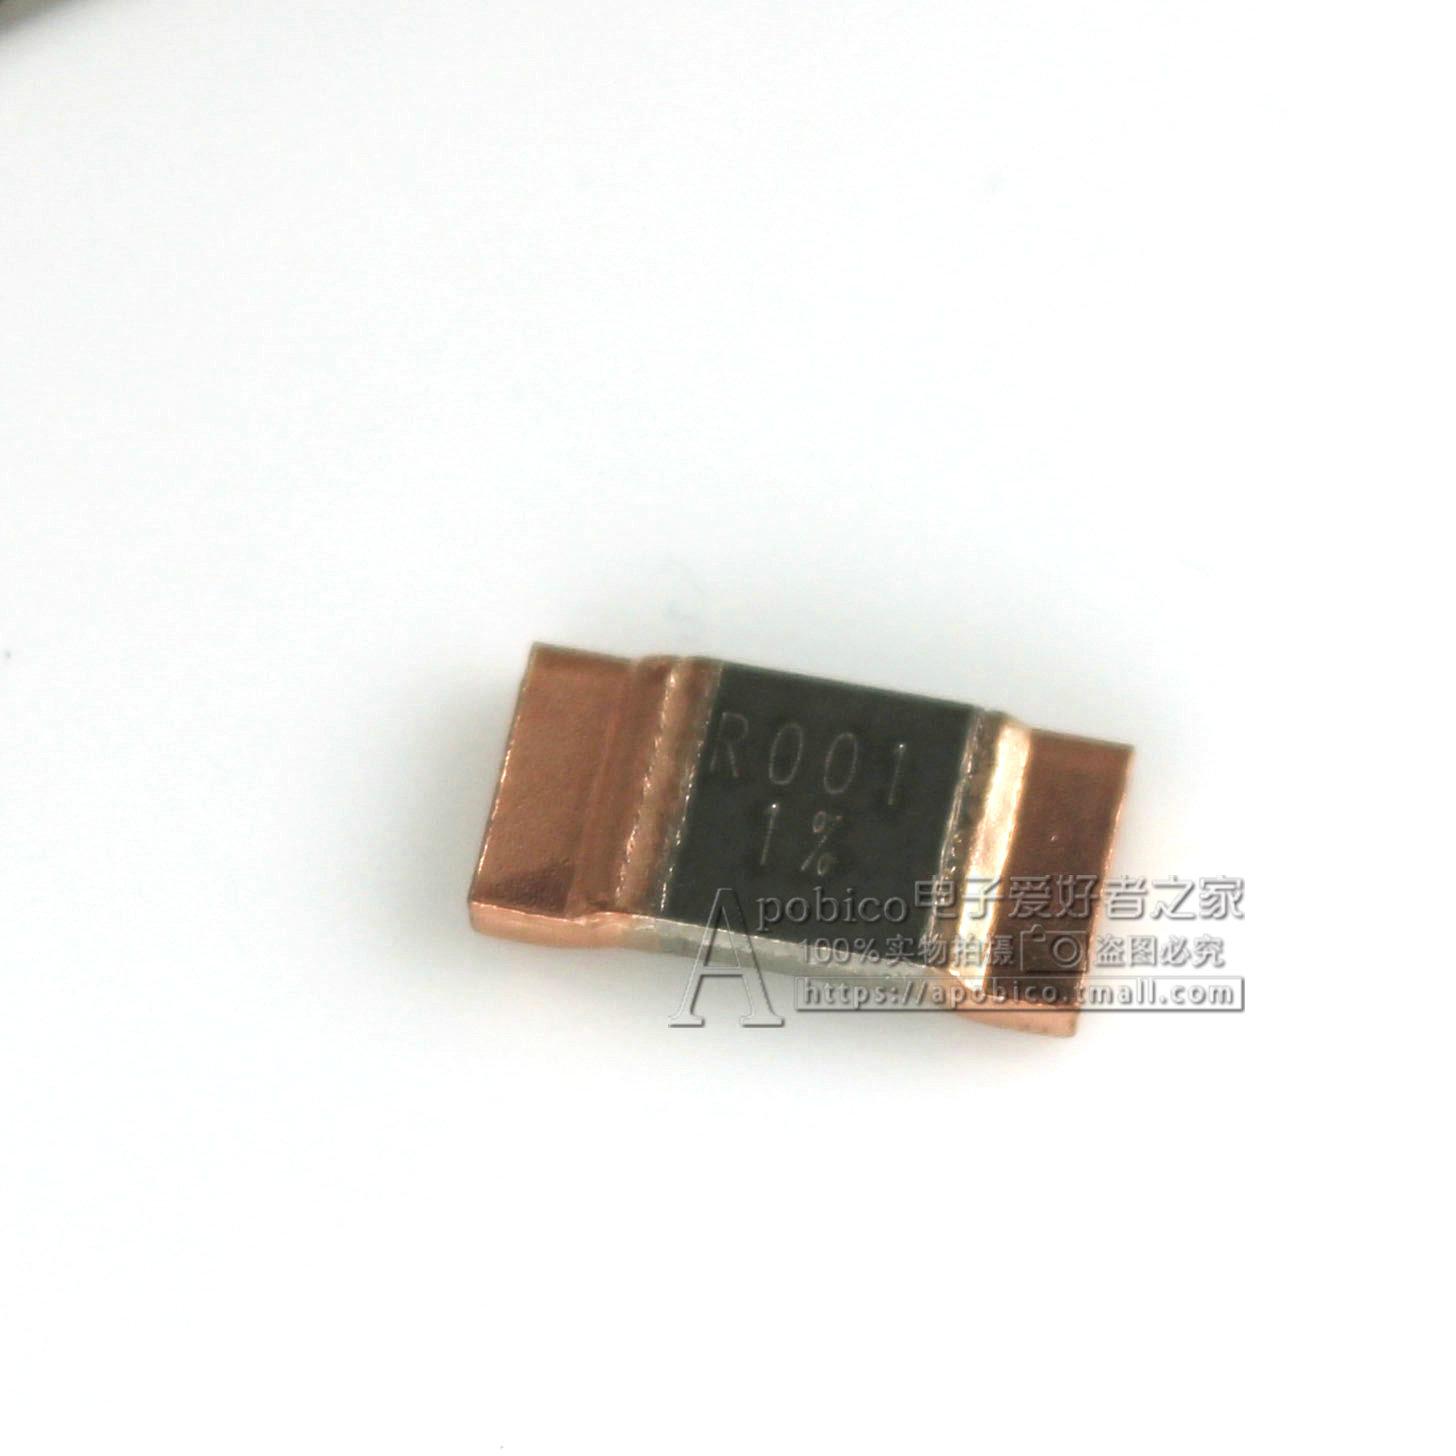 精密大功率采样电阻 锰铜分流3920 5W 0.001R R001 1毫欧